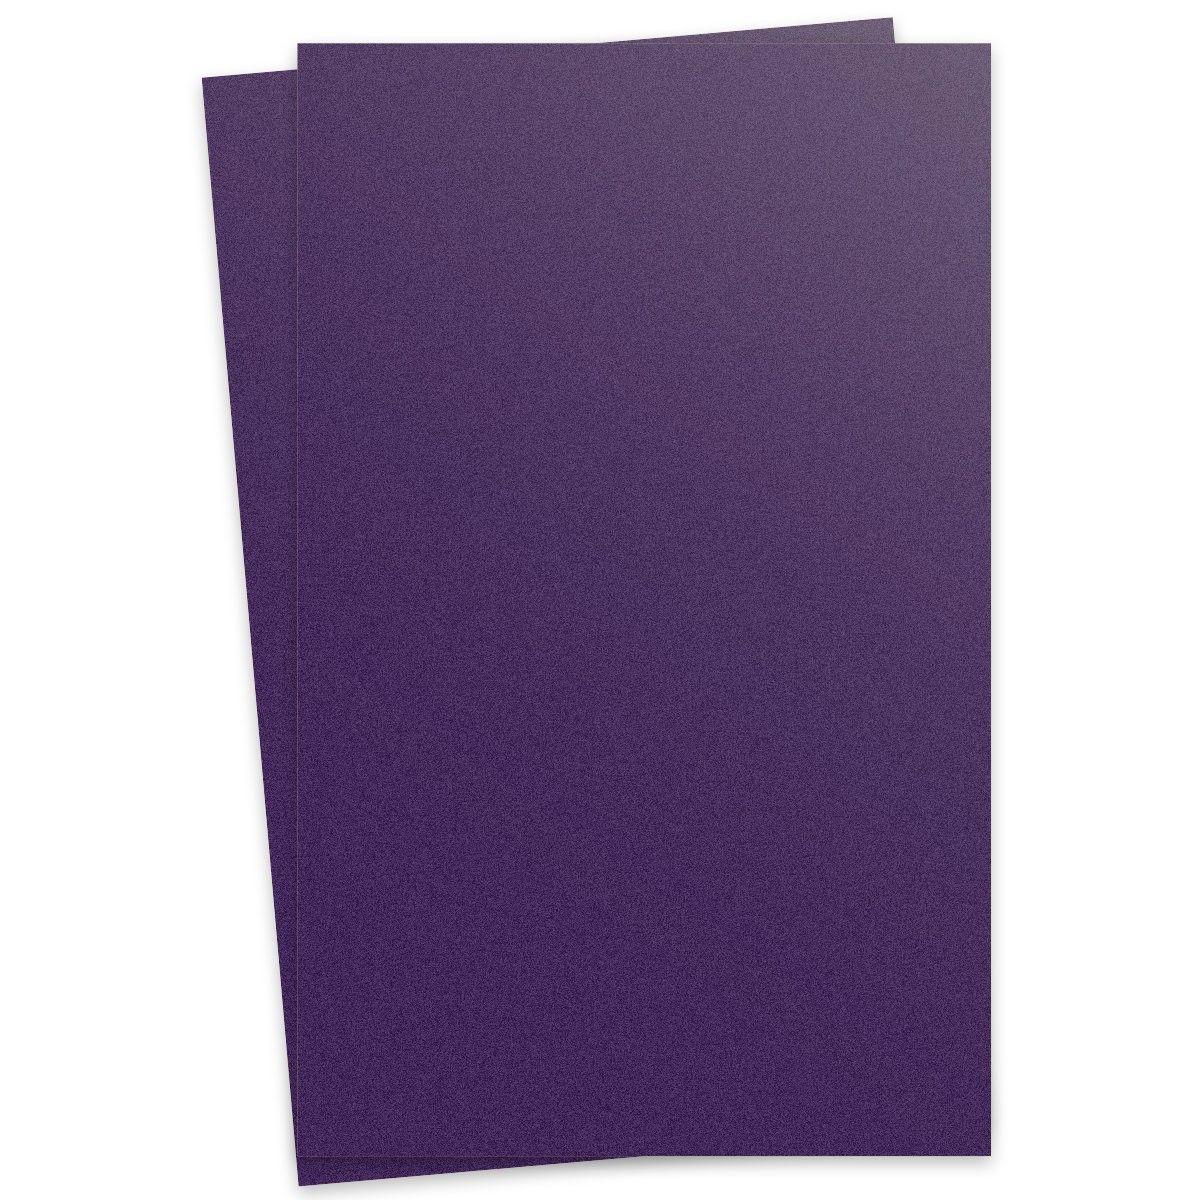 Basis CORAL 80lb Card Stock 8.5x11-25 sheets